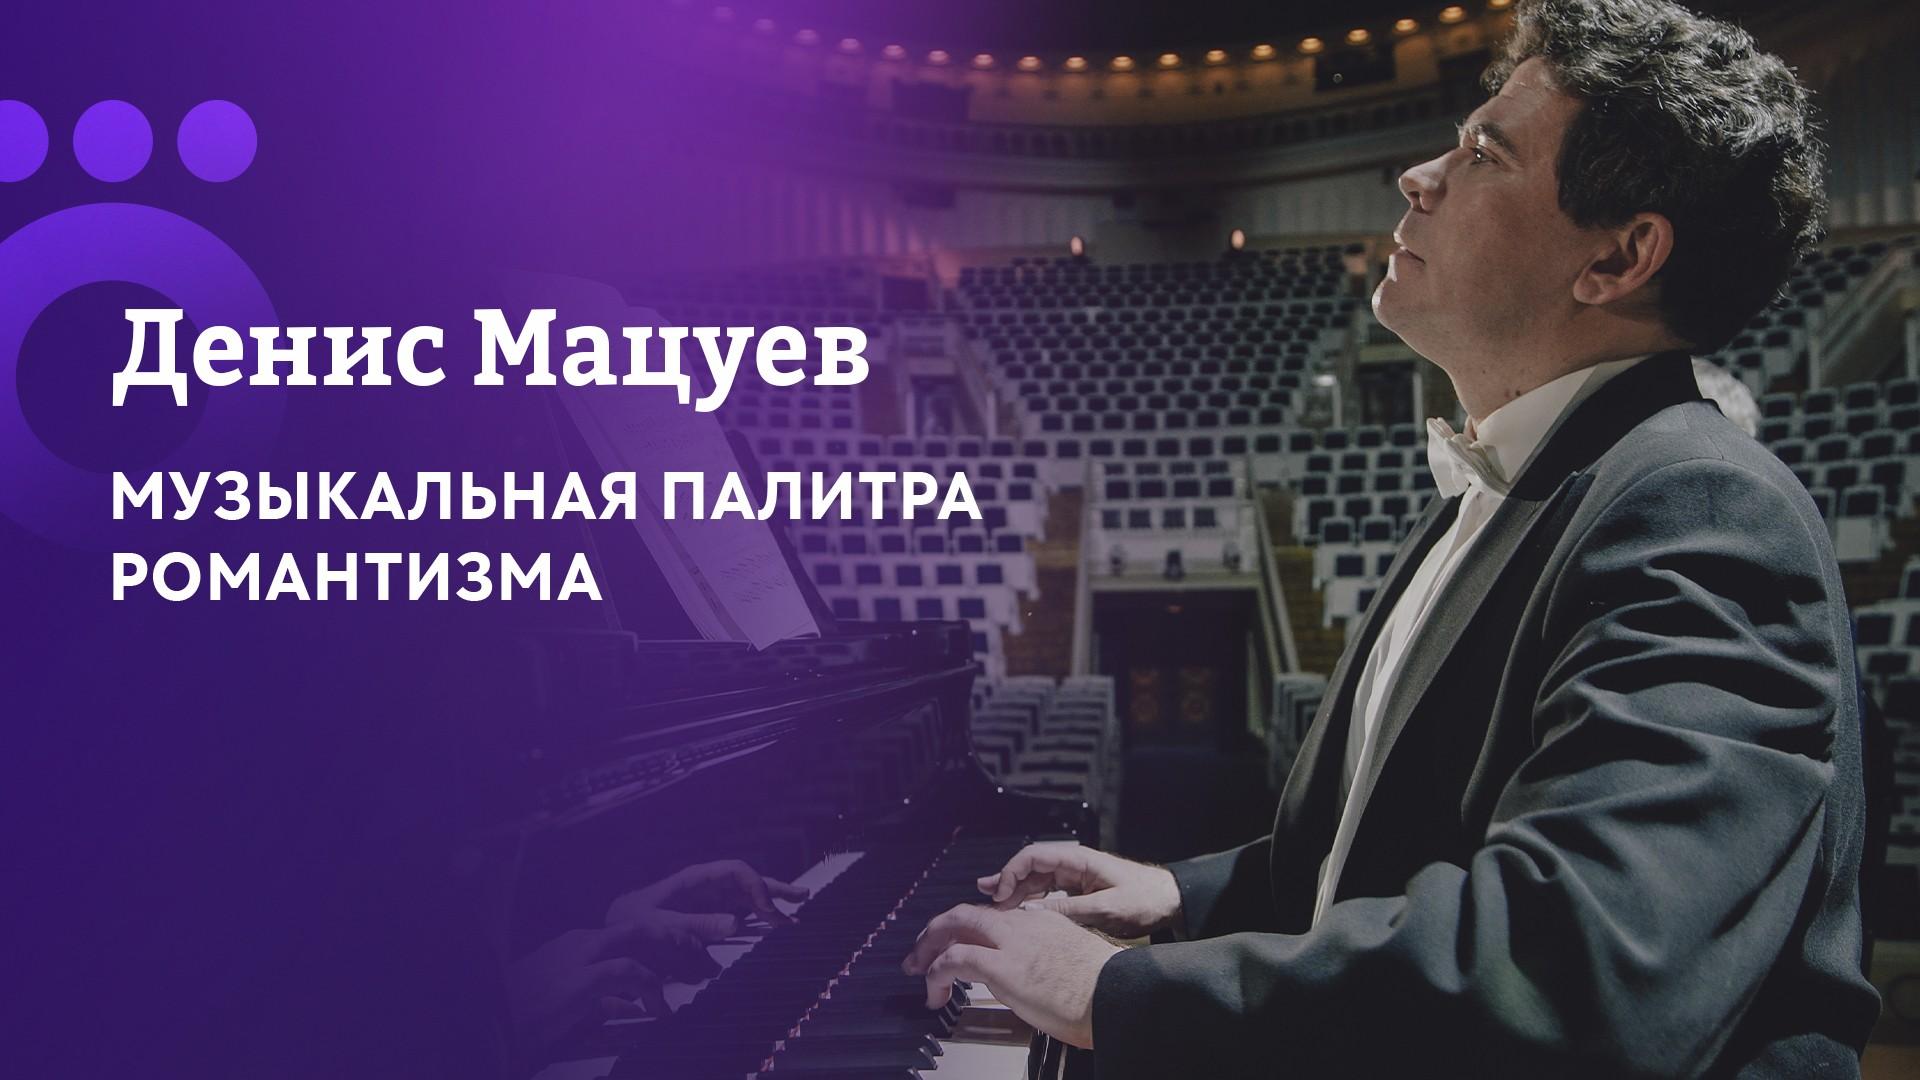 Денис Мацуев. Музыкальная палитра романтизма